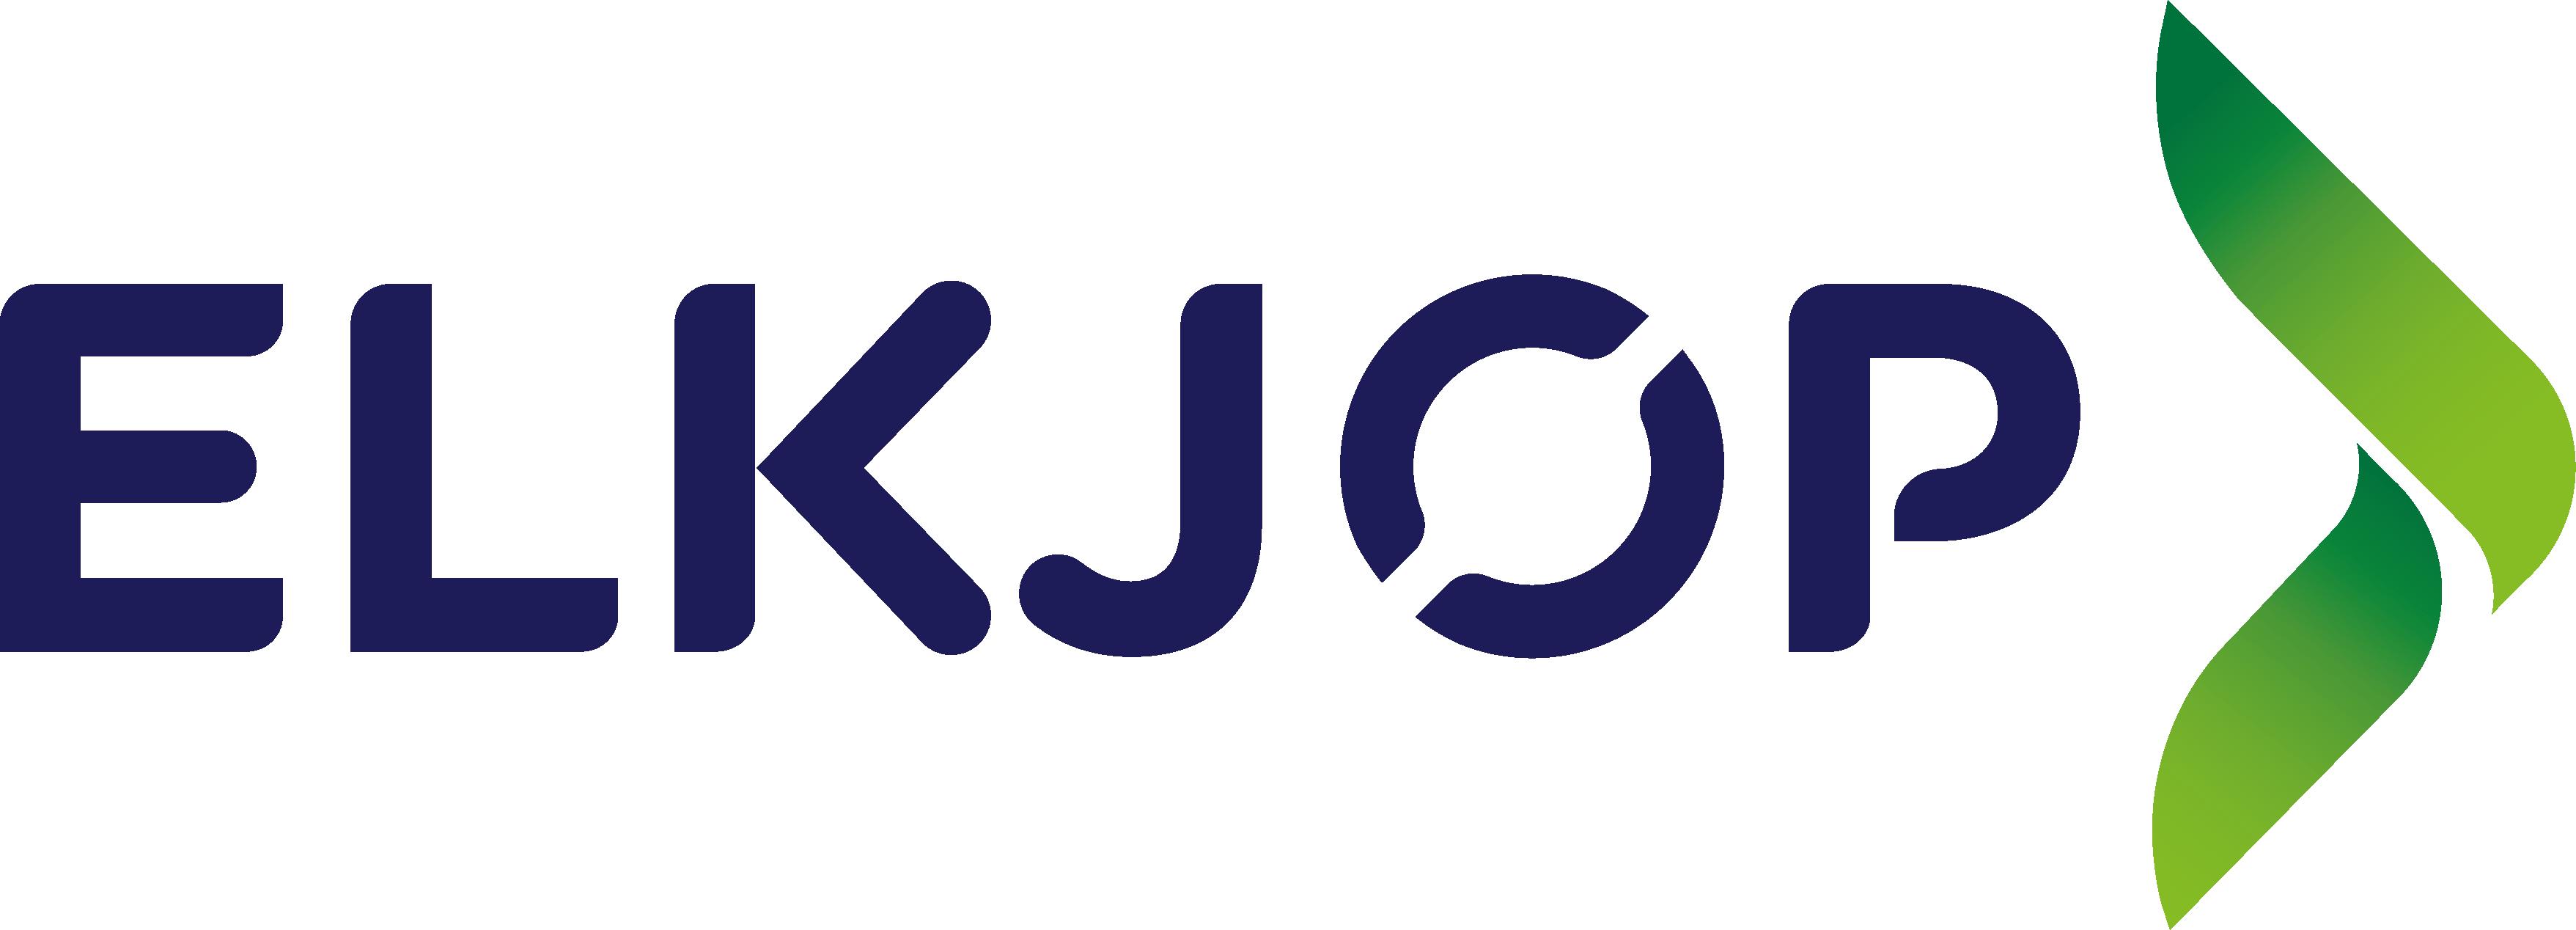 Elkjop_logo_blue-1